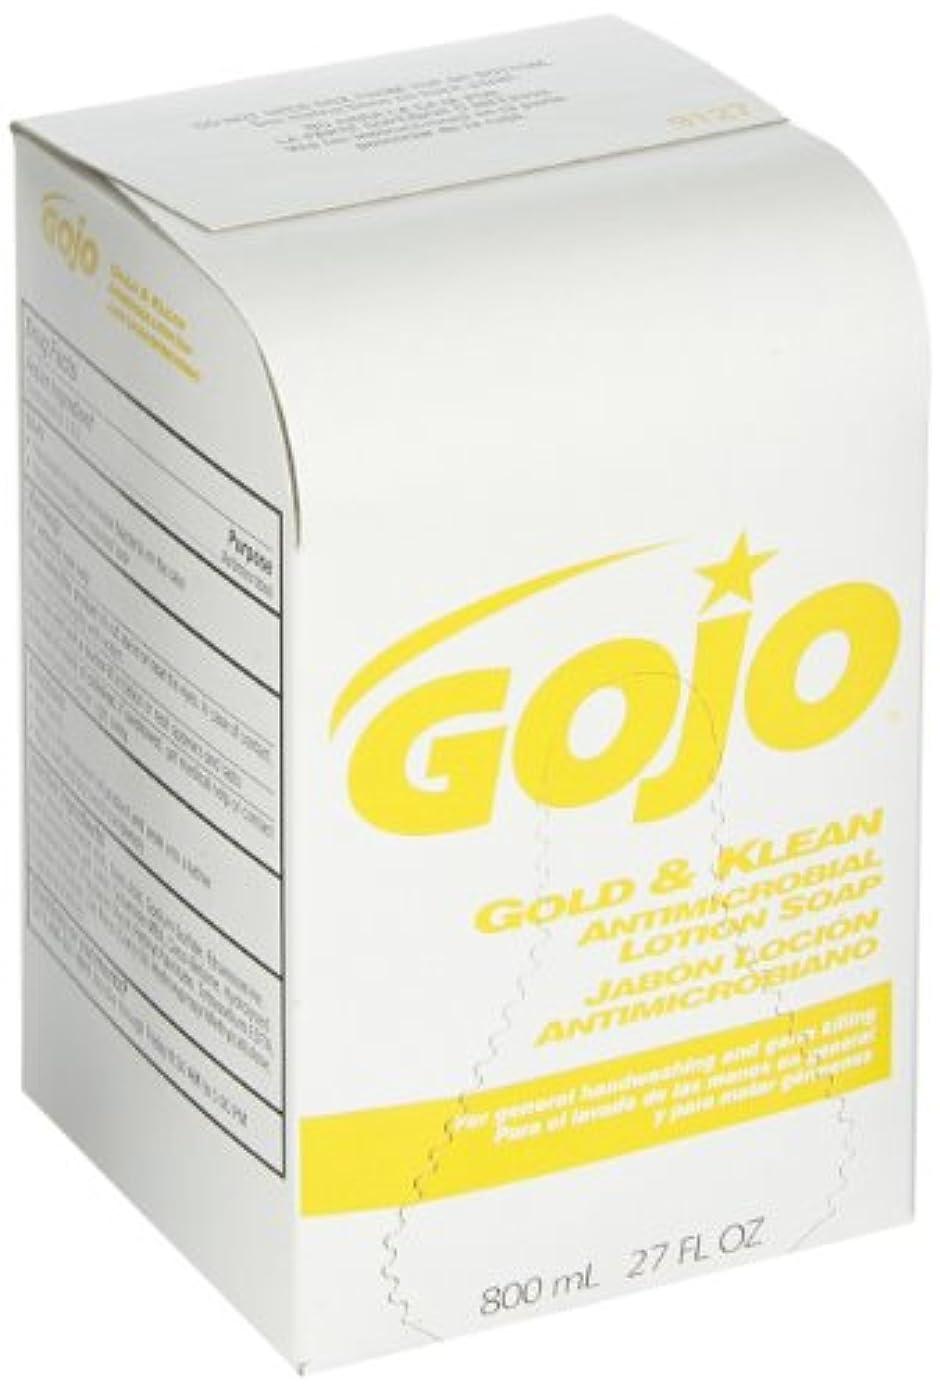 祭司快適頬骨ゴールド& KleanローションSoap bag-in-boxディスペンサー詰め替え、フローラルBalsam、800 ml